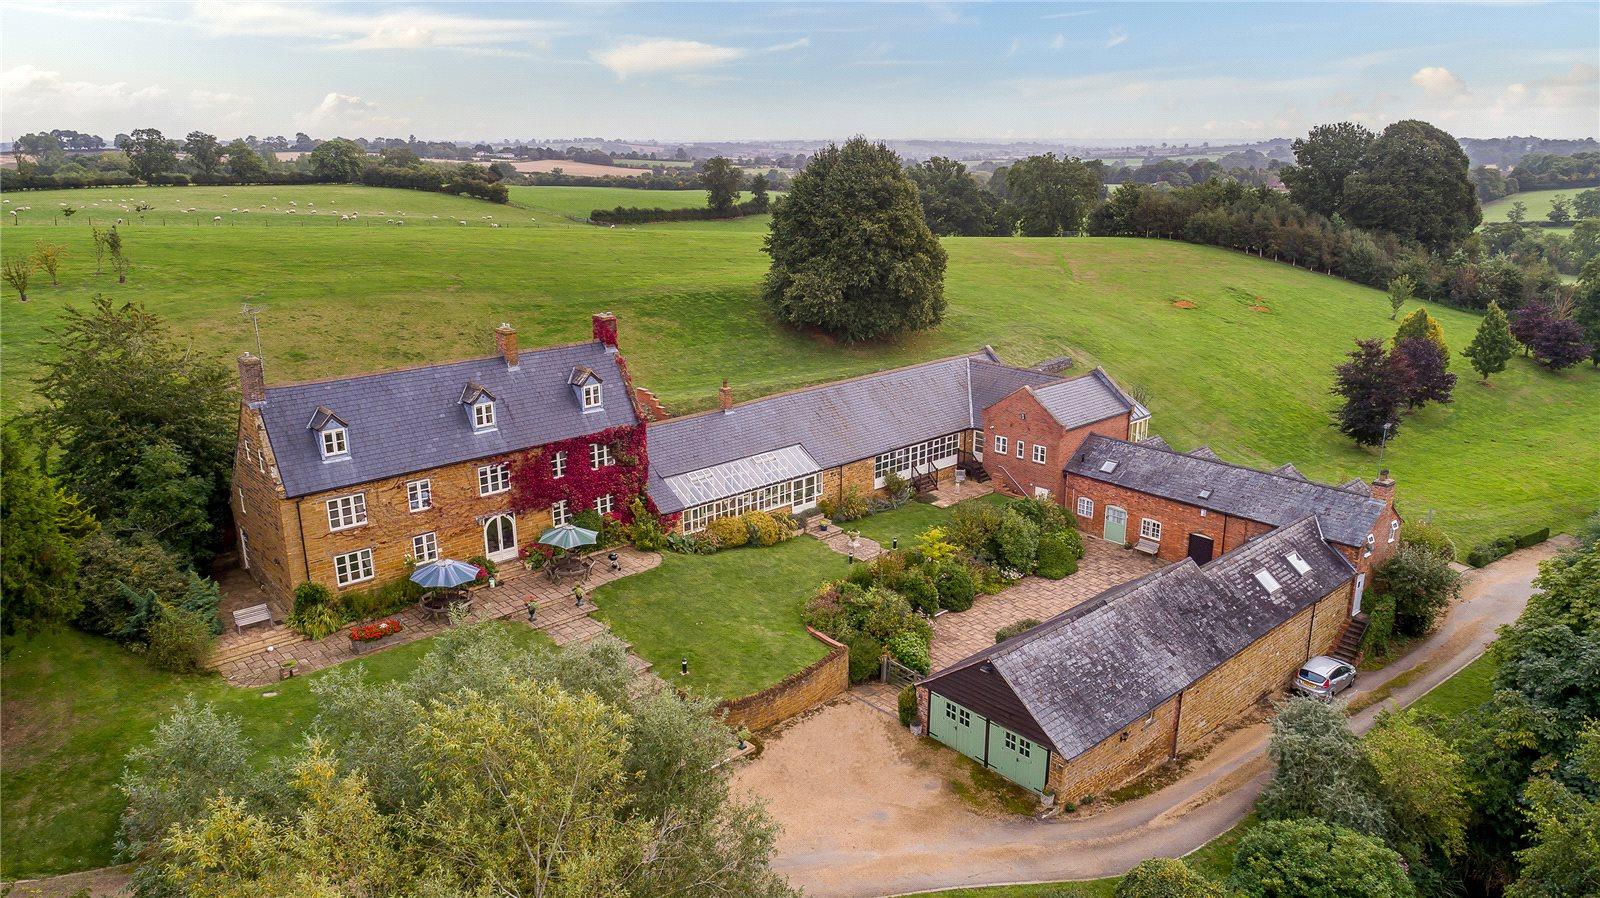 Single Family Home for Sale at West Haddon Road, Long Buckby, Northampton, Northamptonshire, NN6 Northampton, England